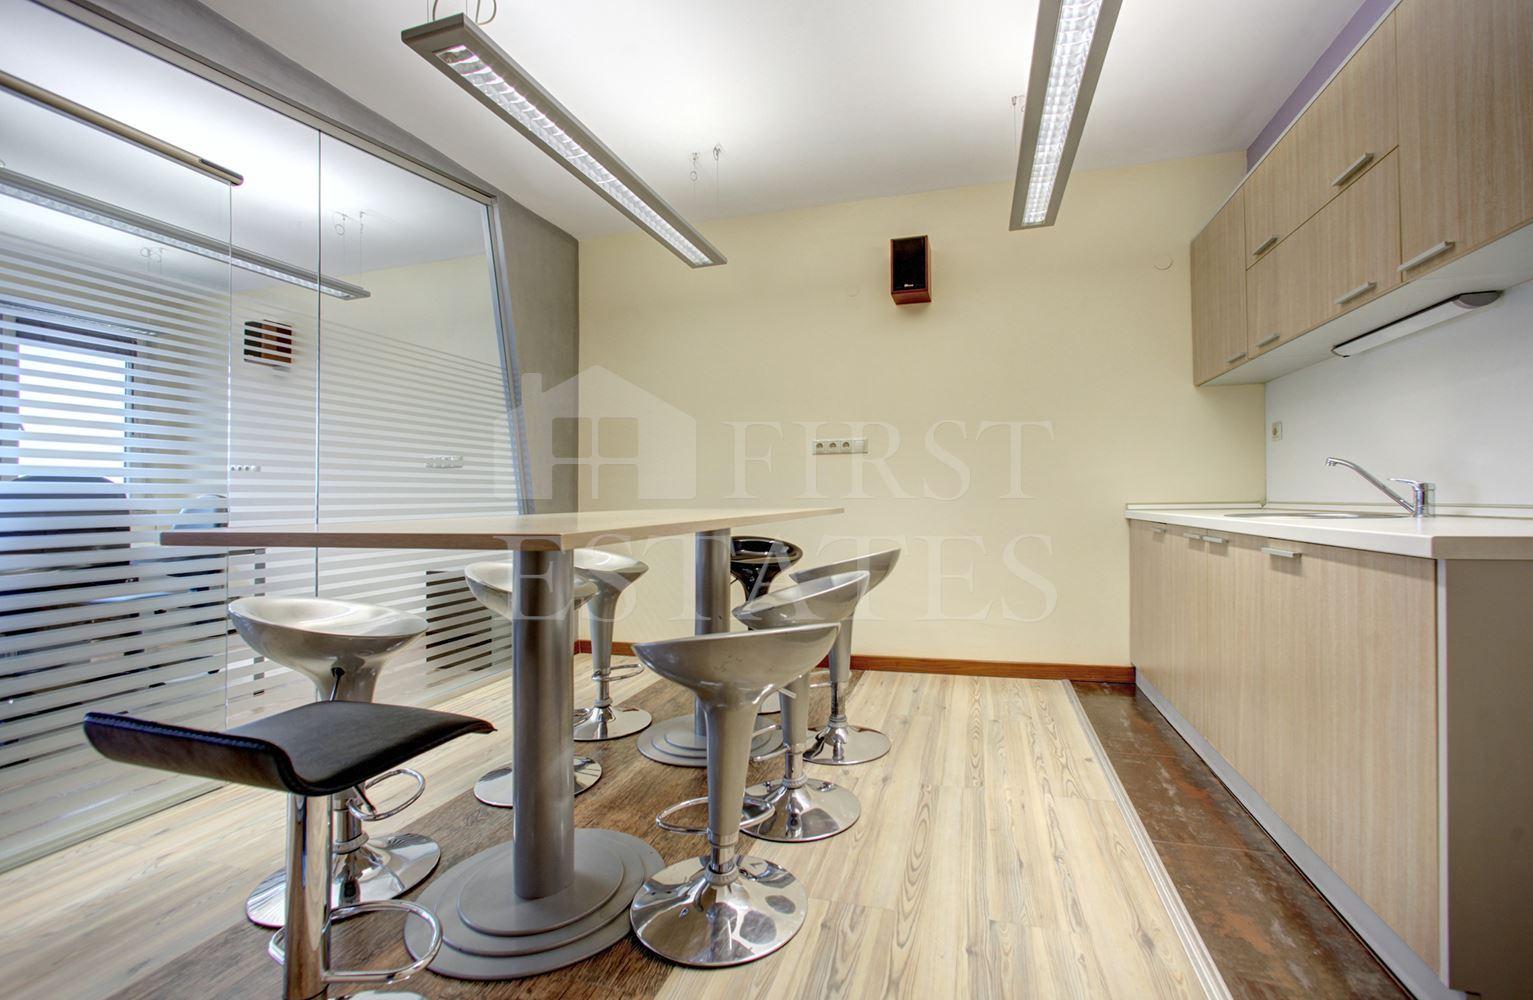 180 m² офис под наем